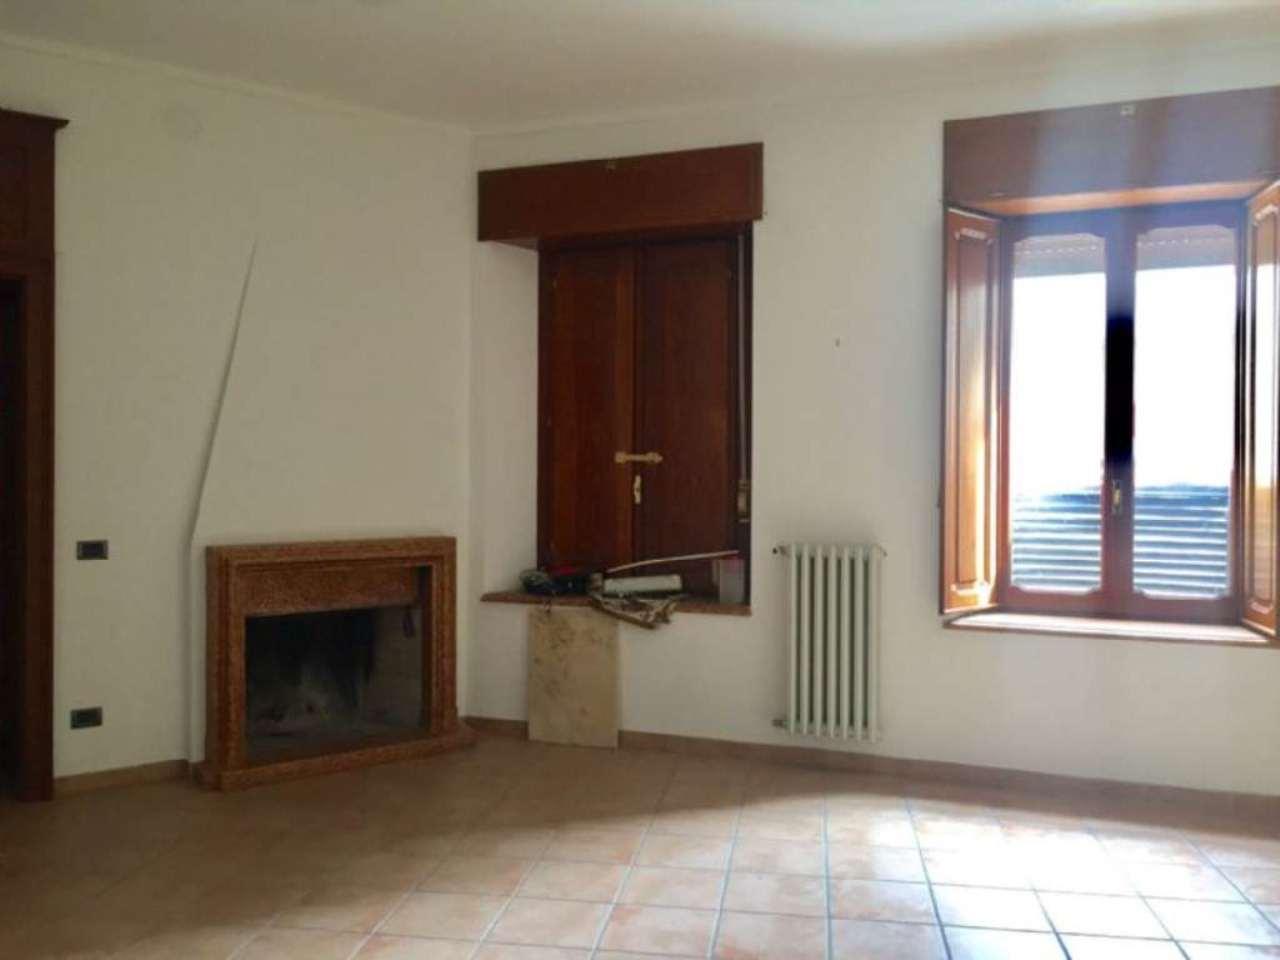 Ufficio / Studio in affitto a Pont-Canavese, 1 locali, prezzo € 180 | CambioCasa.it